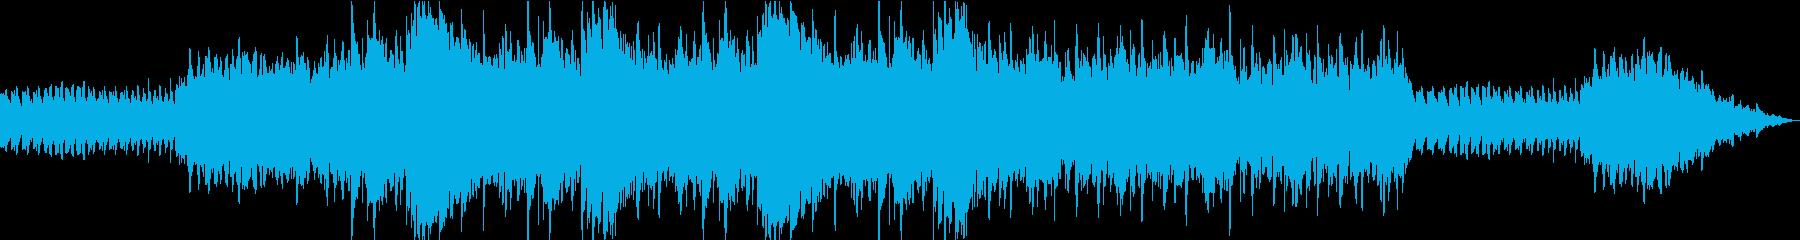 悲しい過去を想起させるBGMの再生済みの波形